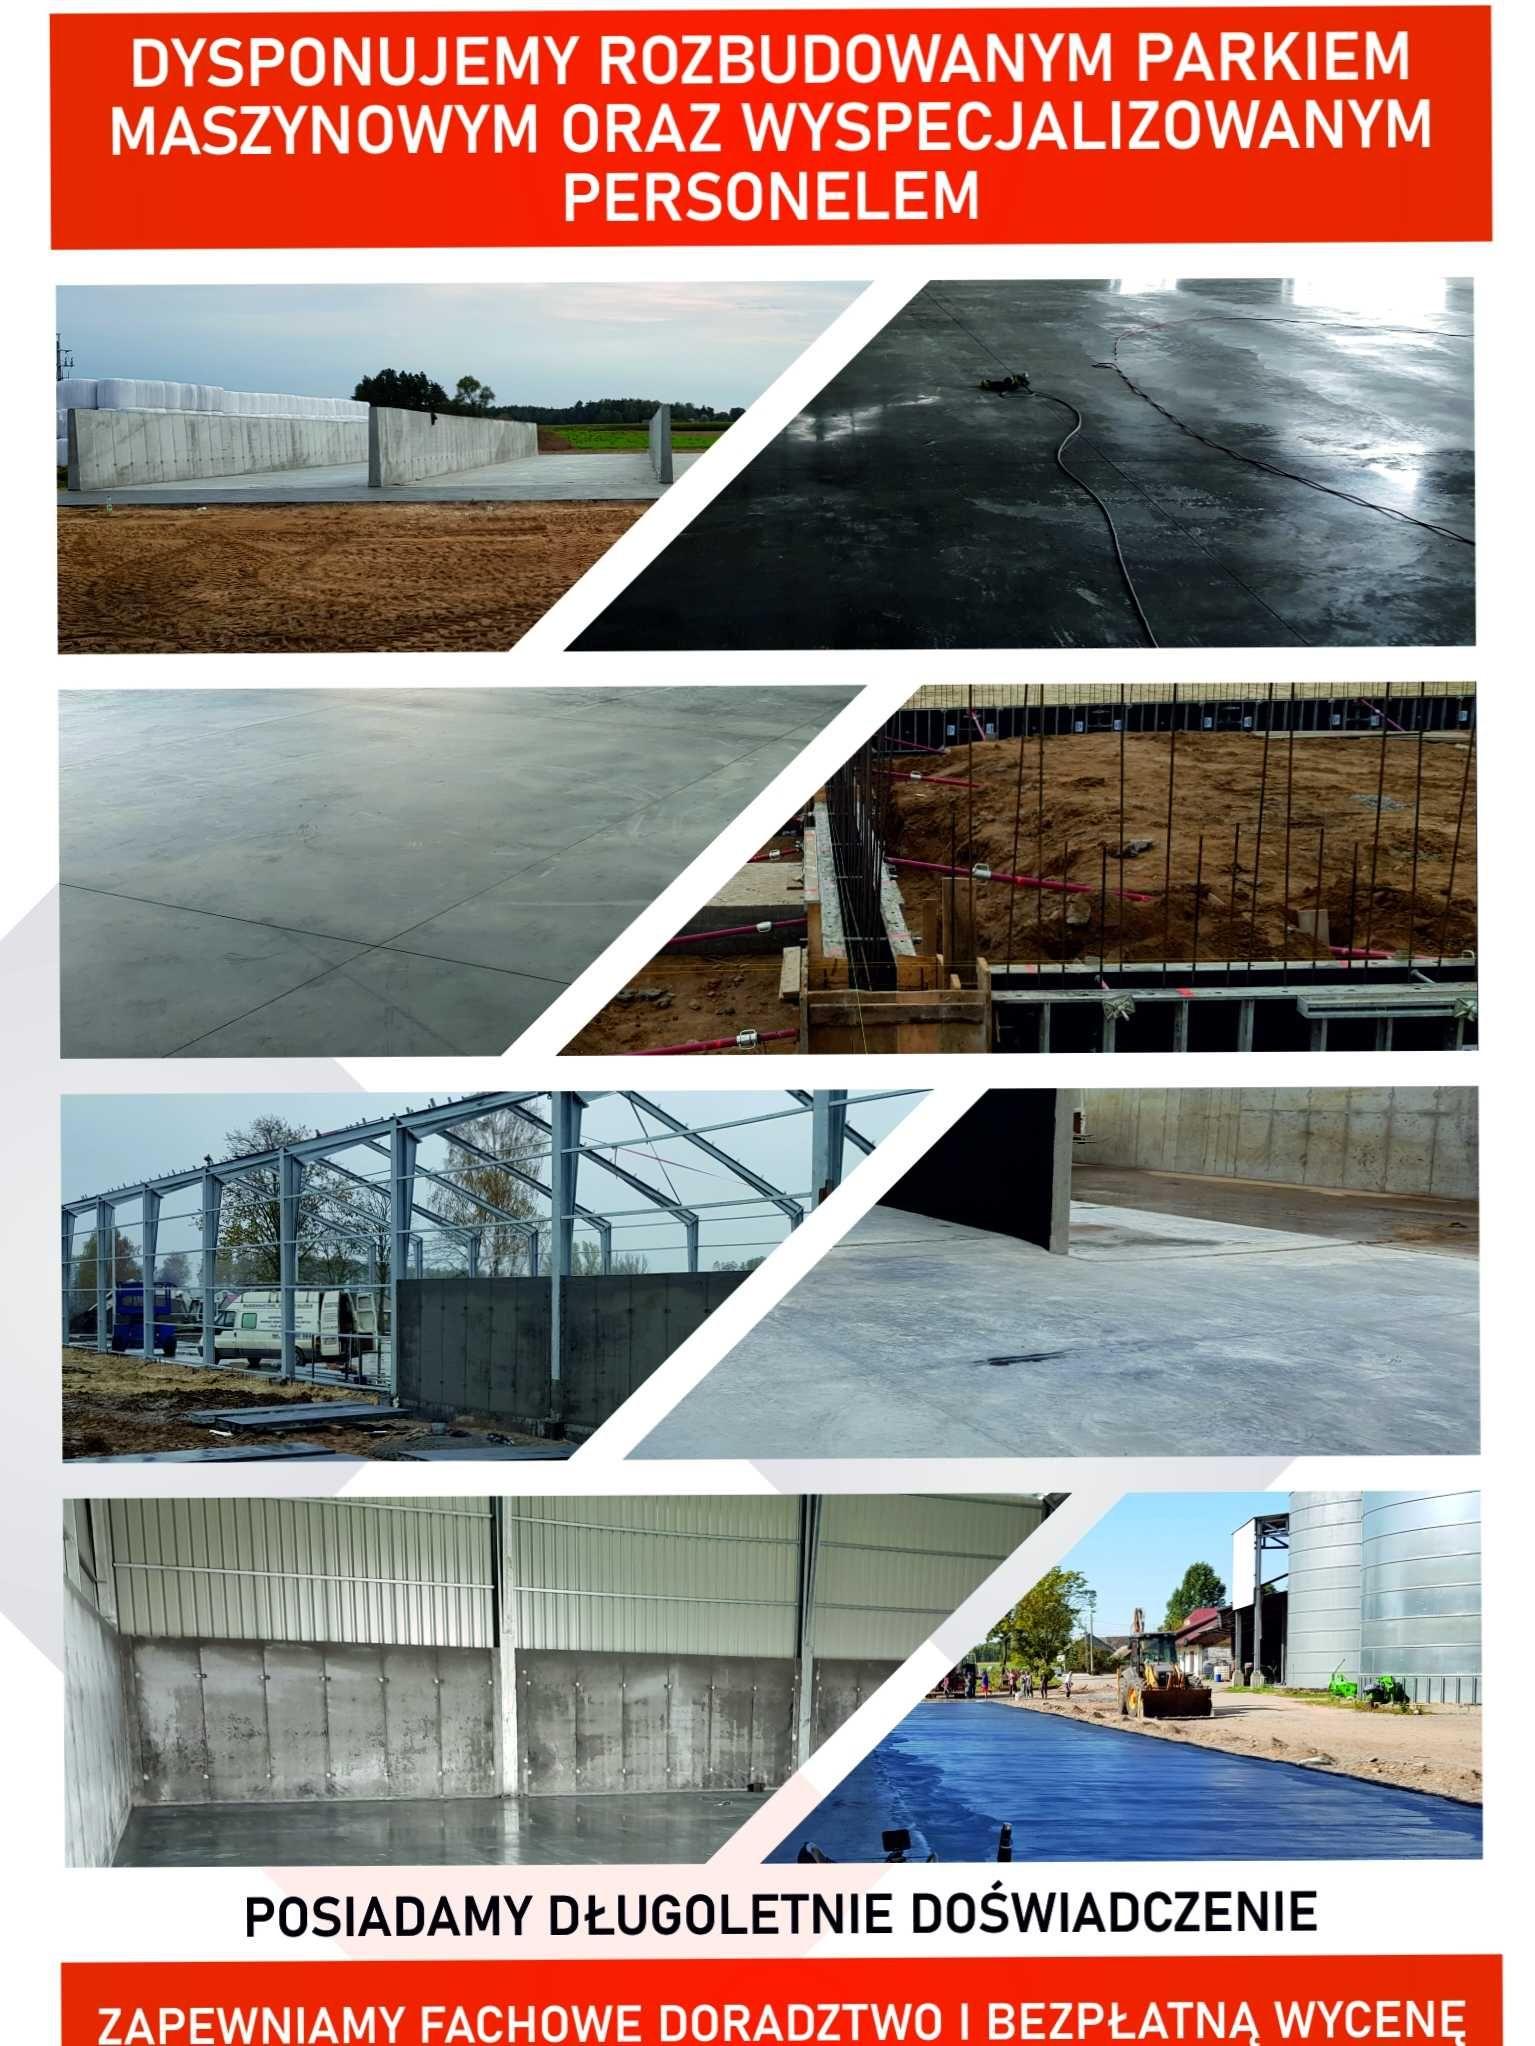 Utwardzanie terenu betonem, budowa silosów i budynków inwentarskich